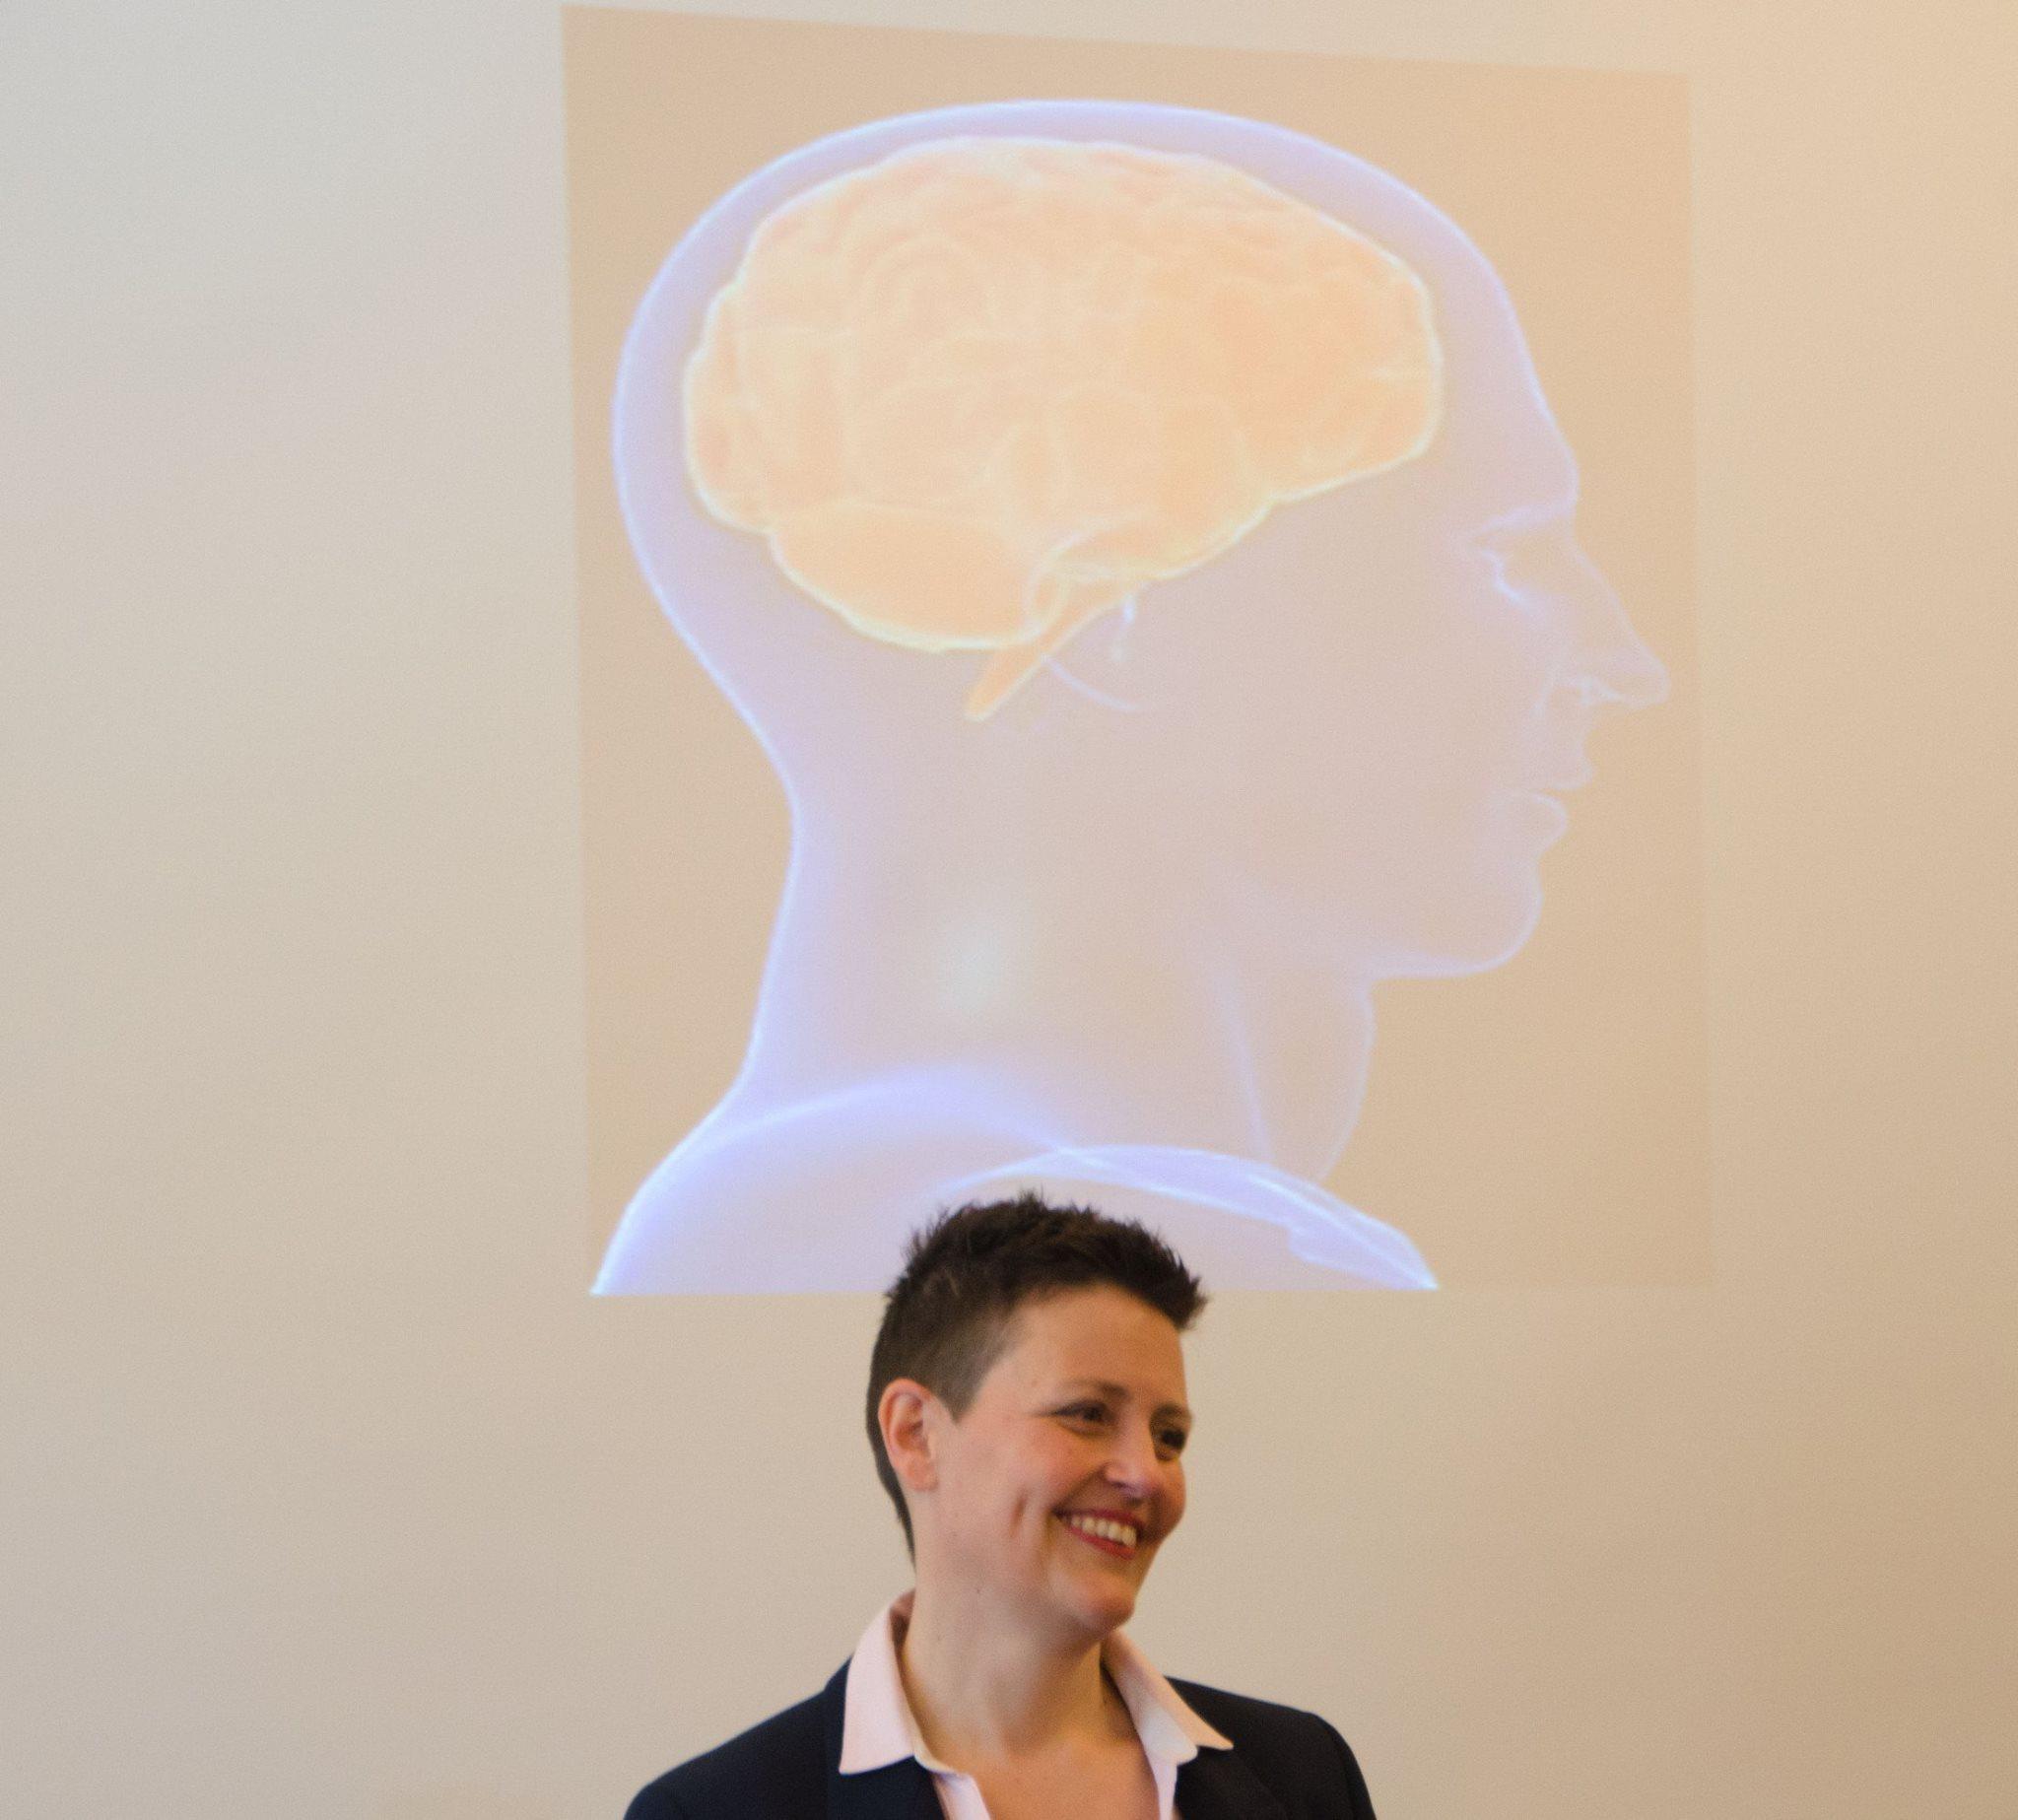 Erfolg – 3:1 fürs Gehirn!